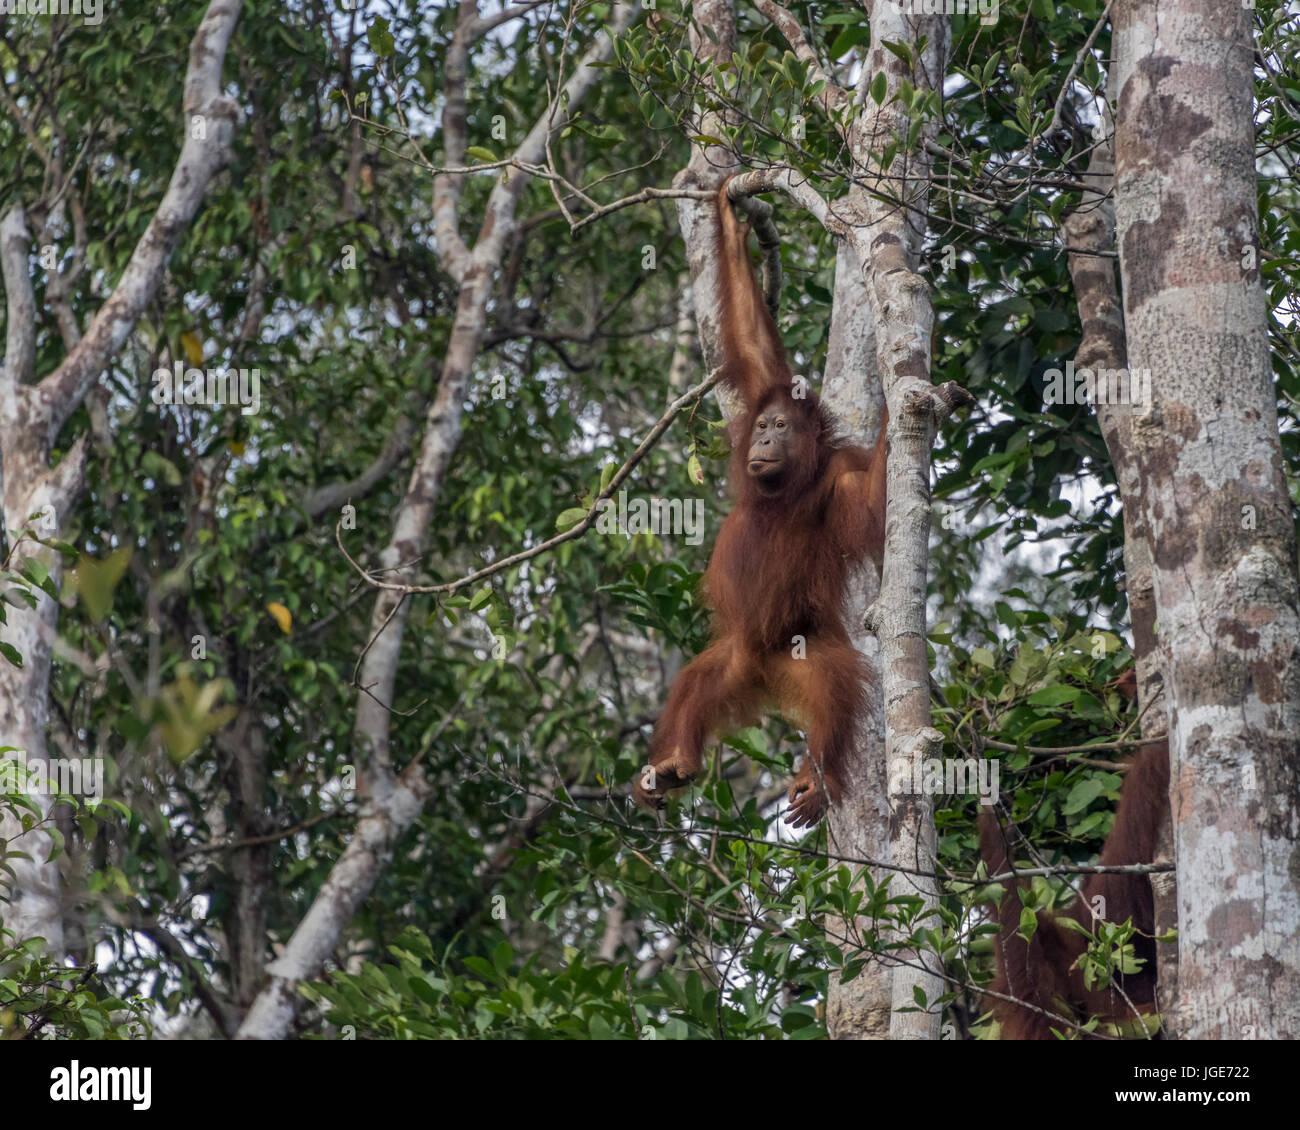 Les jeunes orang-outan se balançant dans les arbres, parc national de Tanjung Puting, Kalimantan, Indonésie Photo Stock